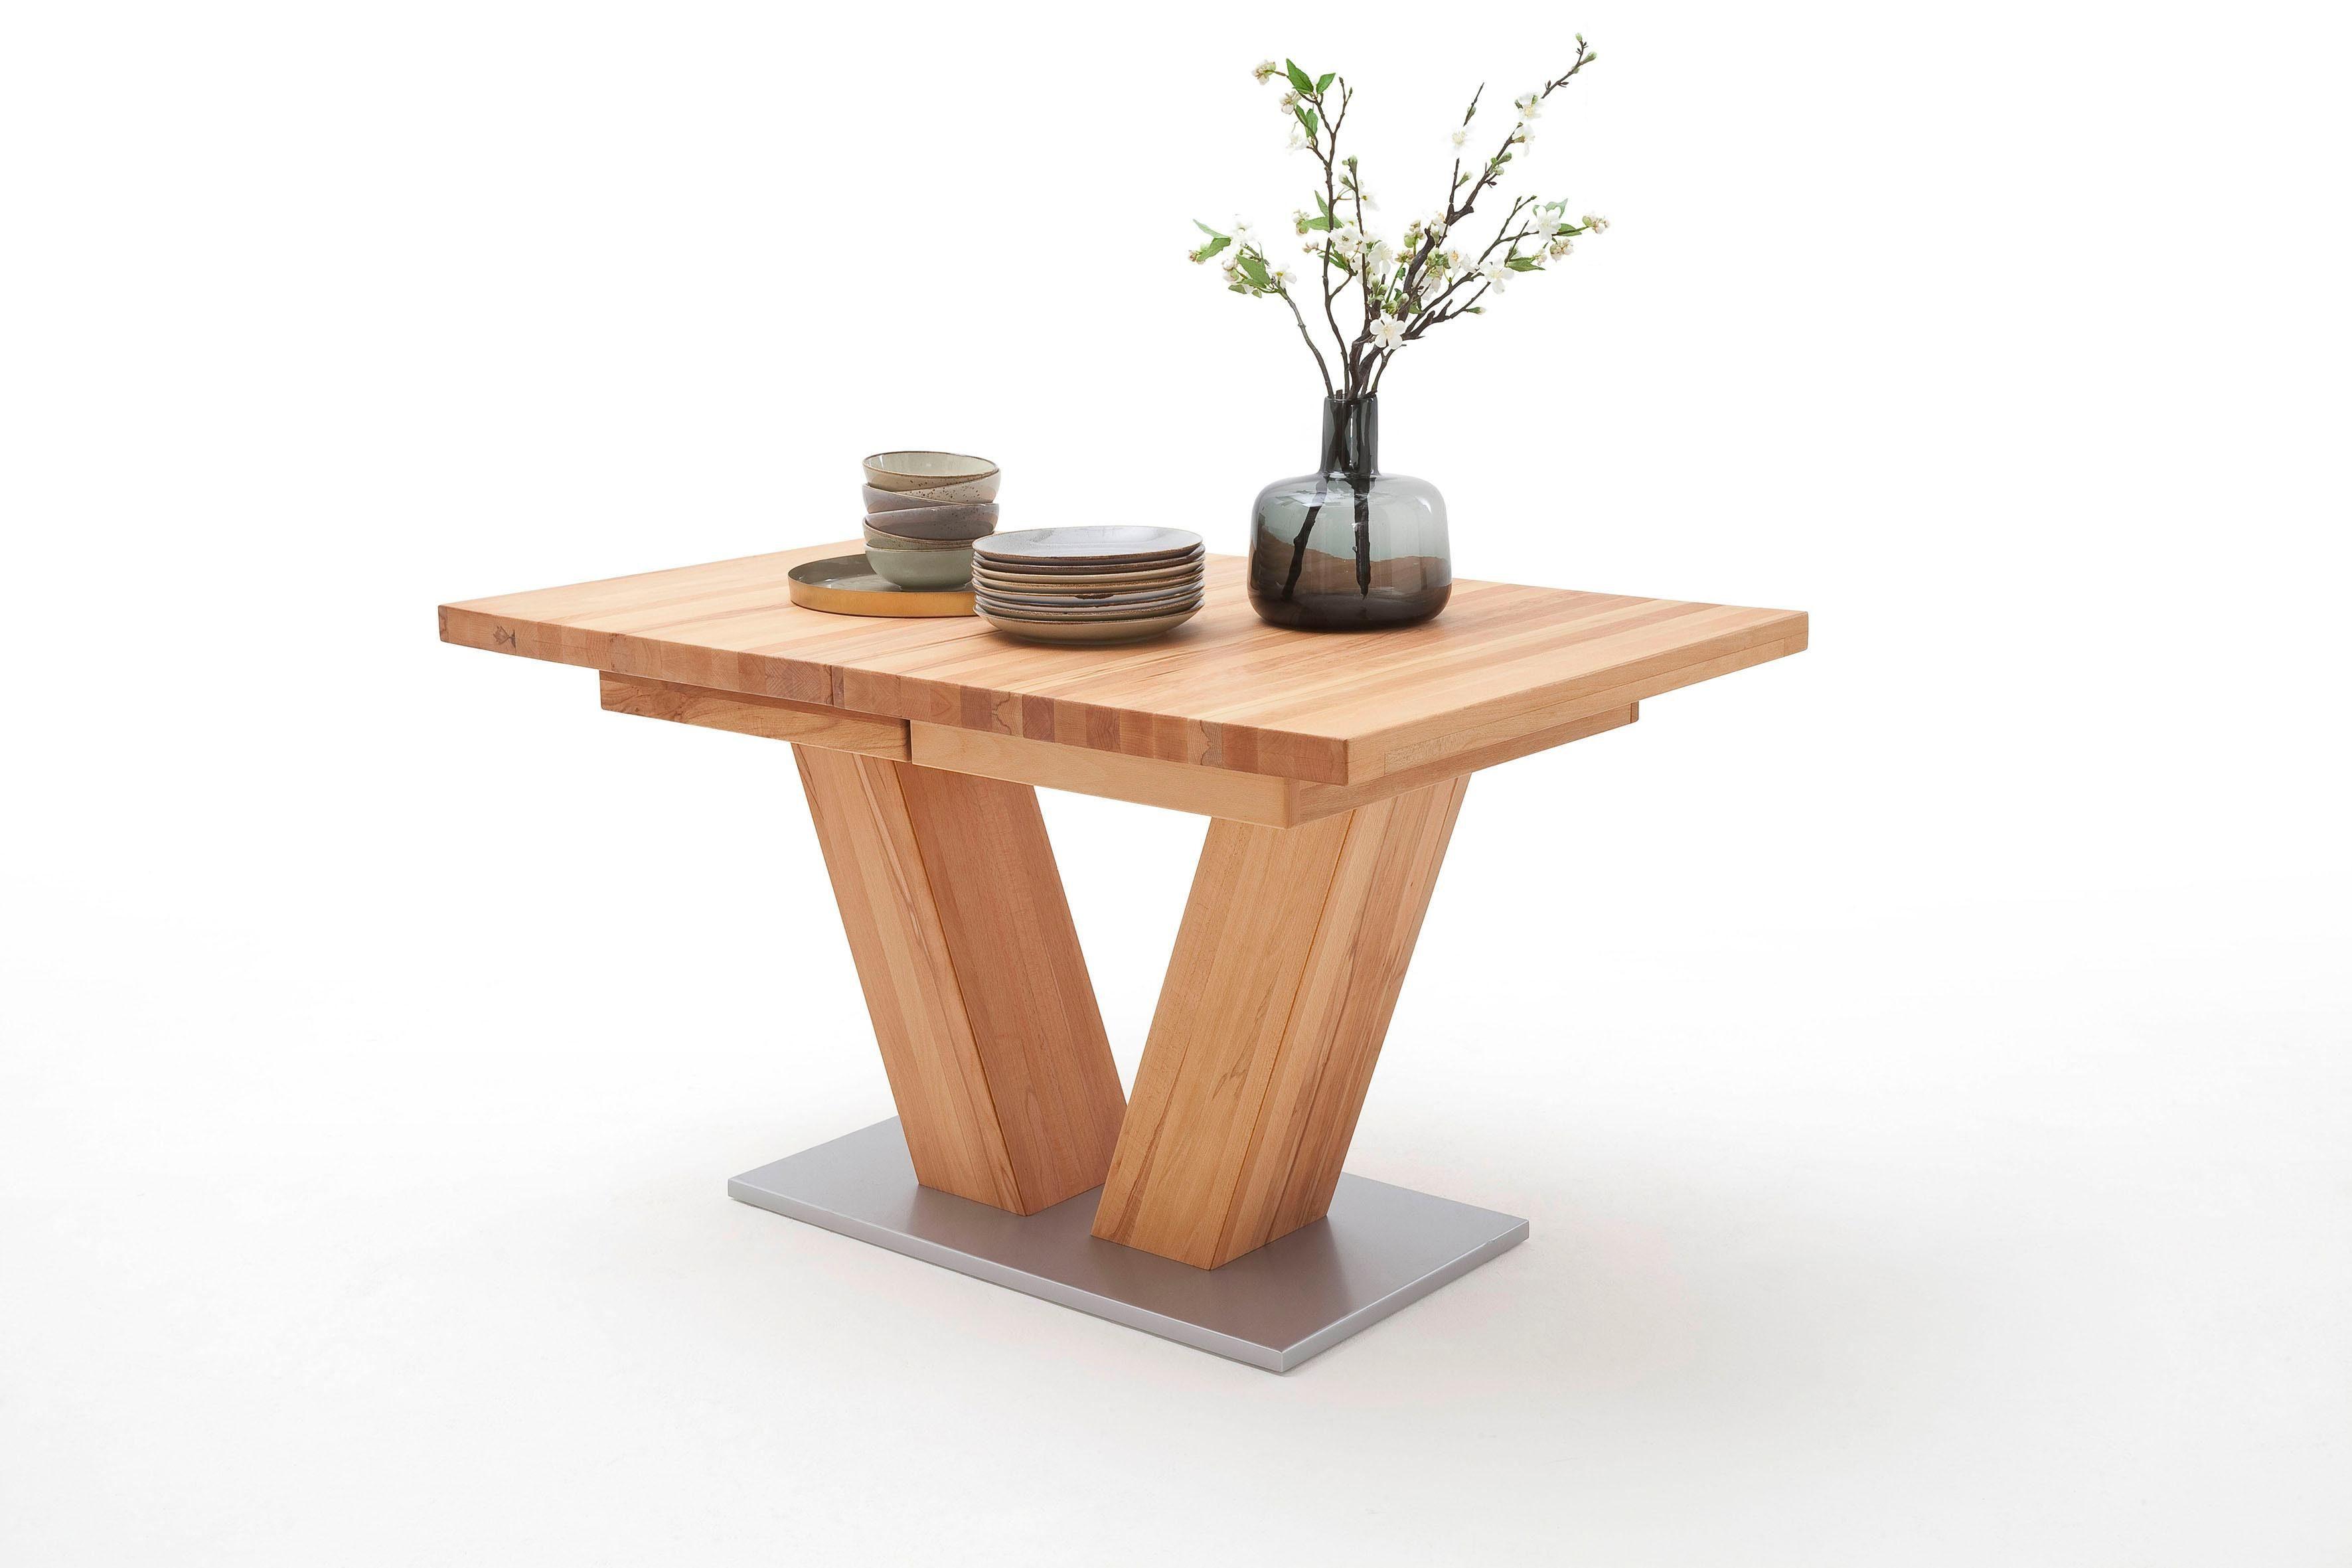 MCA furniture Säulen Esstisch »Managua«, Rechteckige Tischplatte online kaufen | OTTO